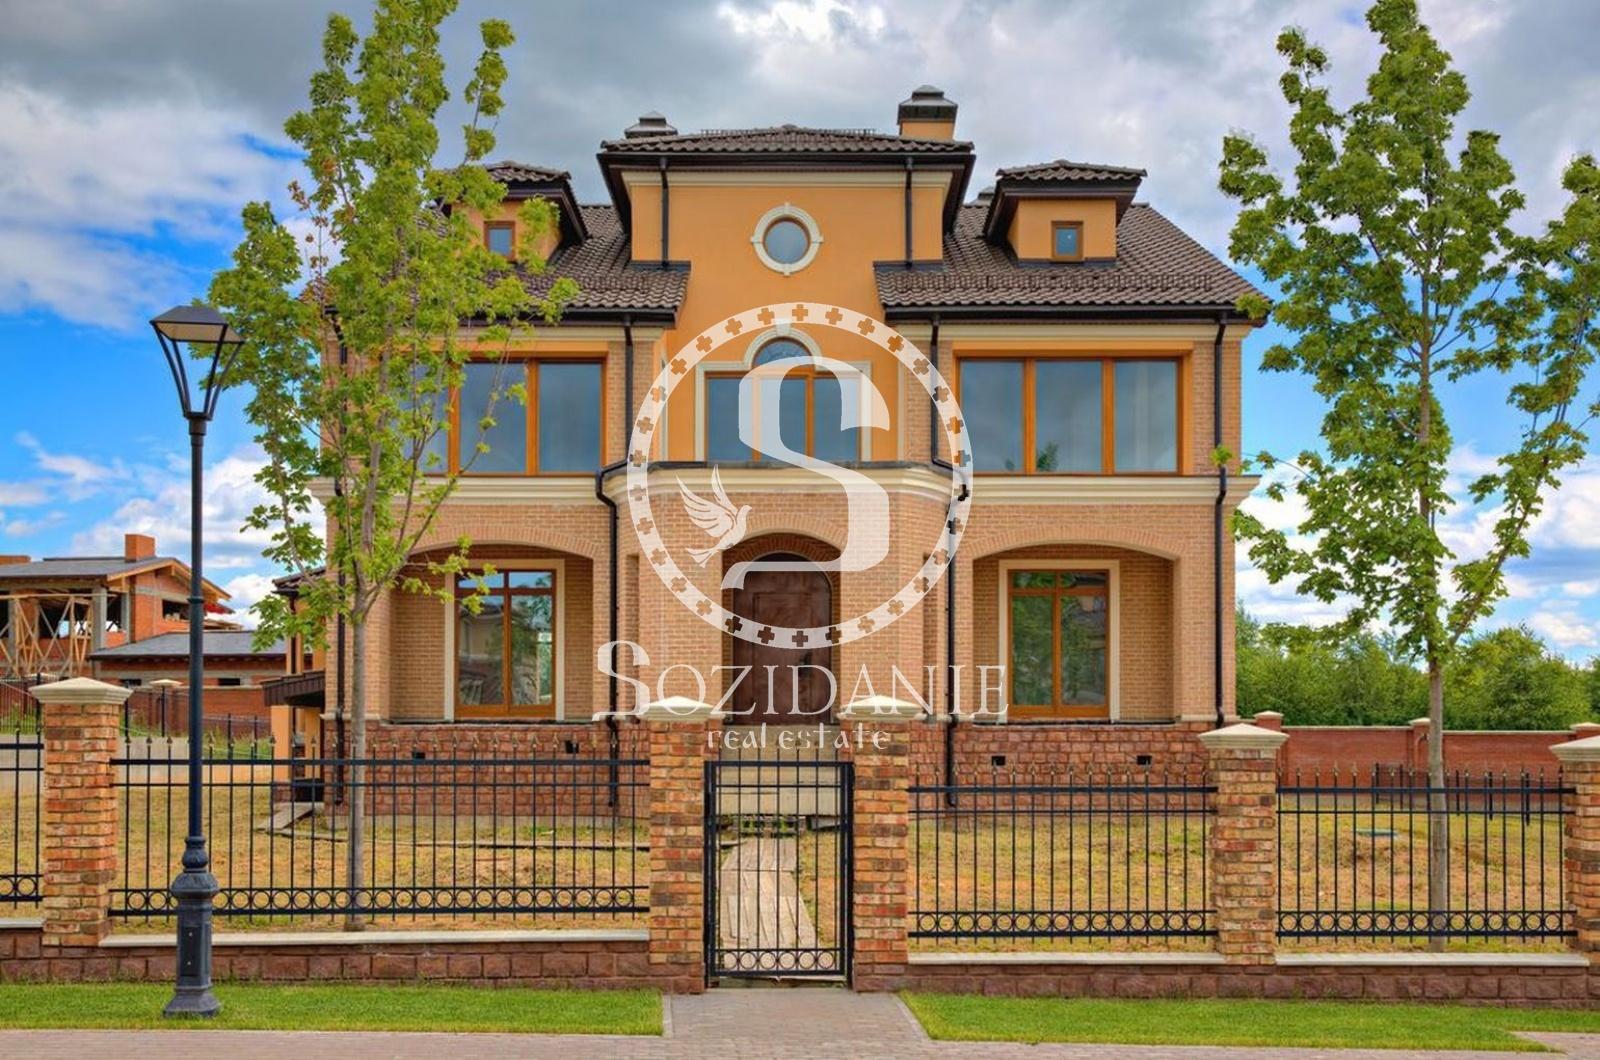 7 Bedrooms, Загородная, Продажа, Listing ID 1574, Московская область, Россия,